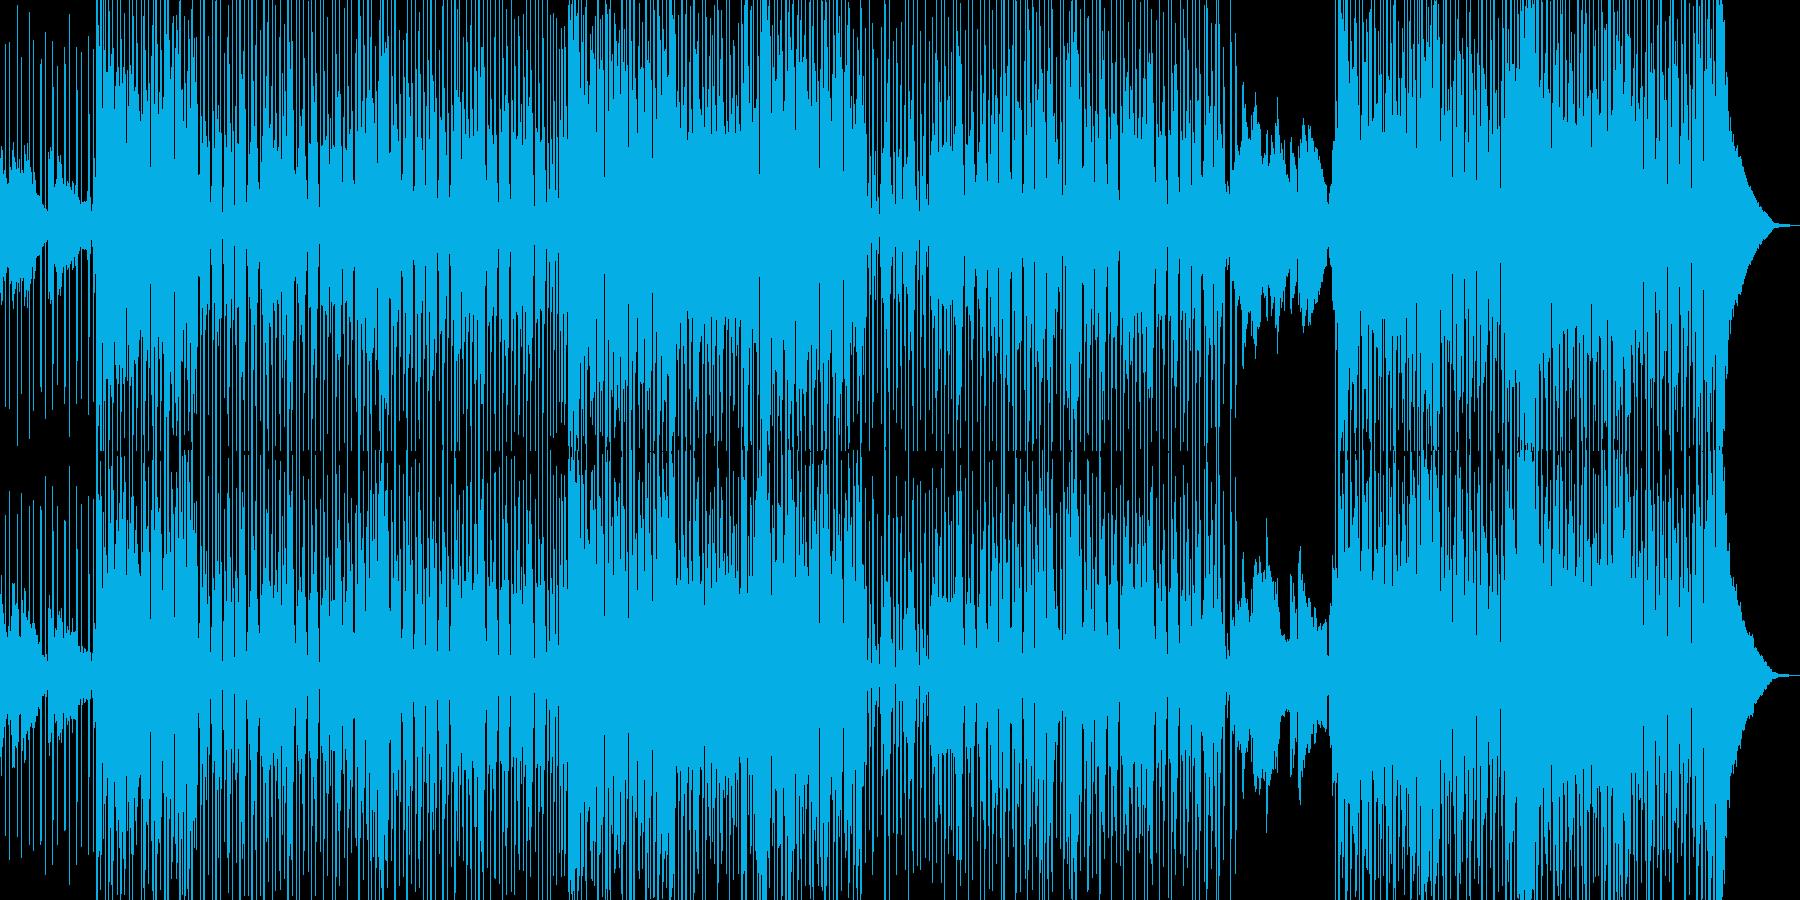 オシャレ切ないR&B シンセ無B2の再生済みの波形